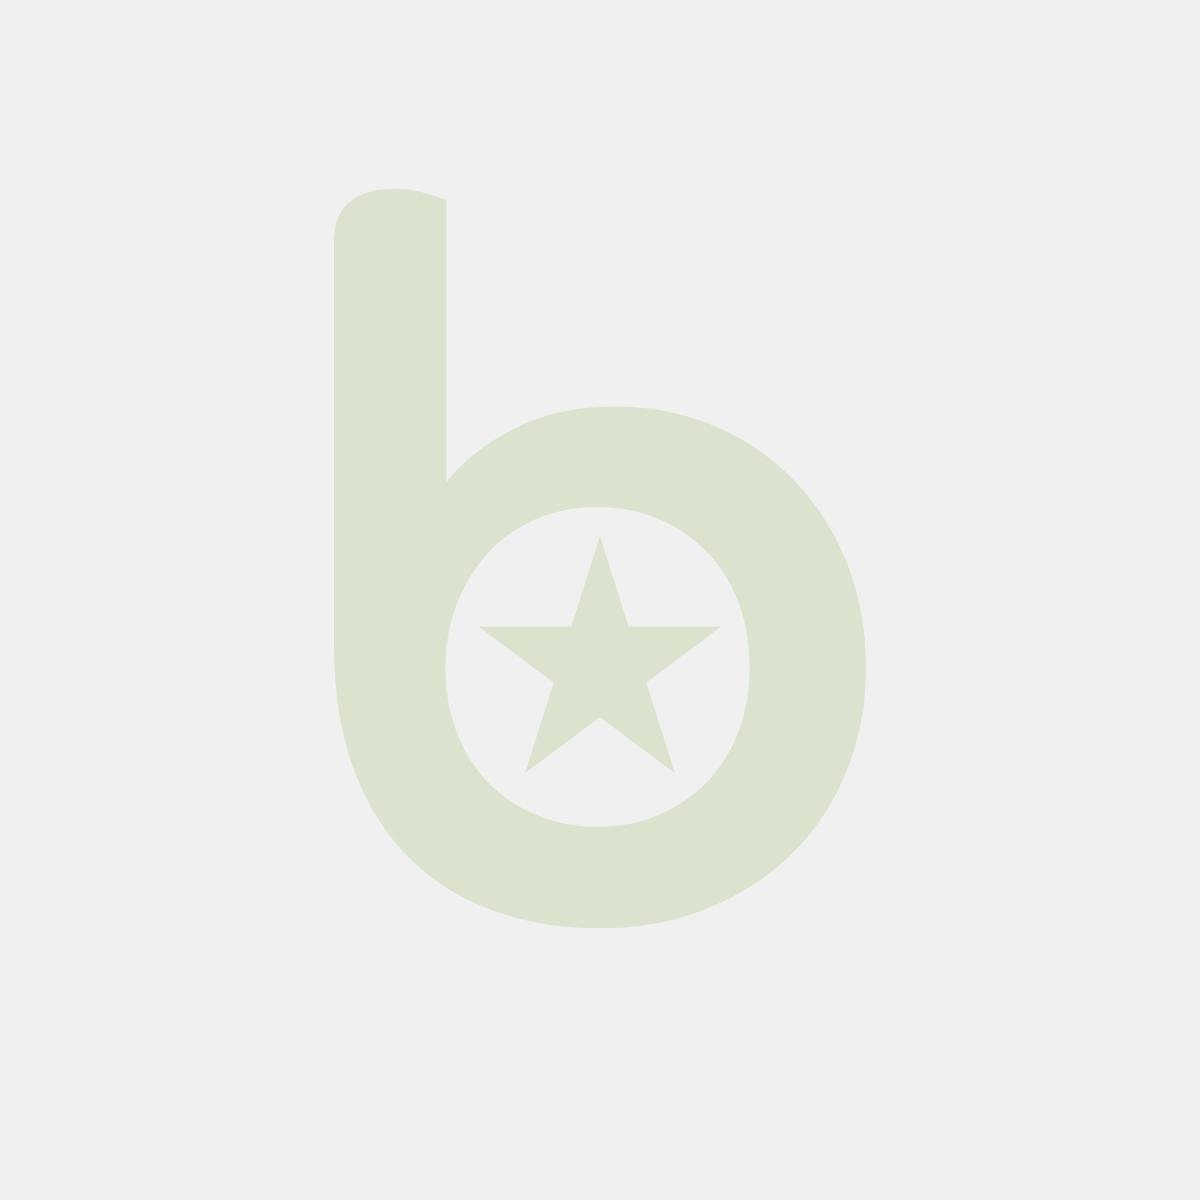 Stand bufetowy SetBamboo 2 naturalny 30x20x10; 45x20x15; 60x20x20 zestaw 3 sztuki